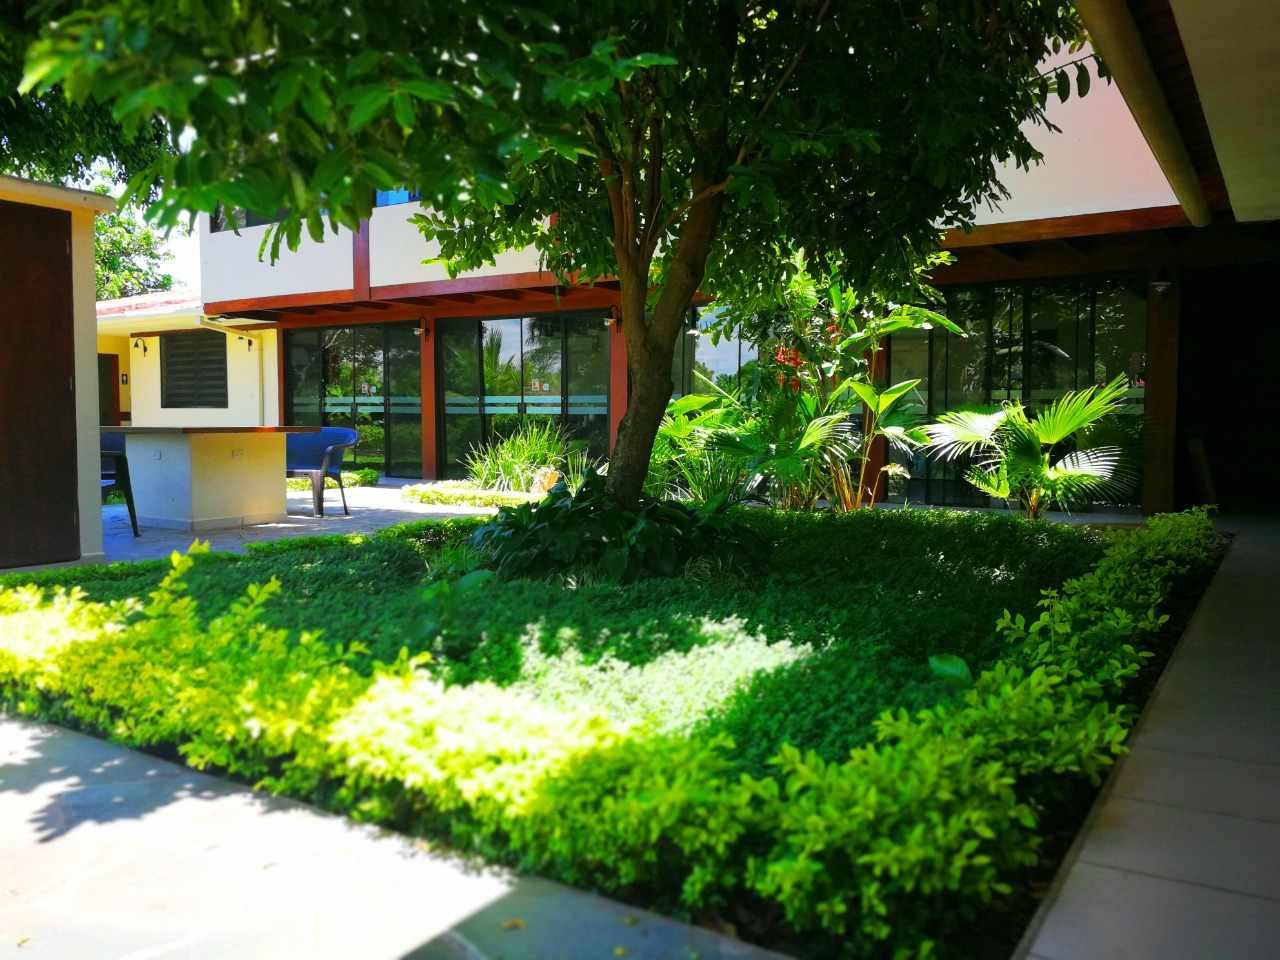 Casa en Venta Sobre el segundo anillo de Warnes a 5 minutos de la plaza principal de Warnes y a 5 minutos del Parque Industrial Latinoamericano.  Foto 17